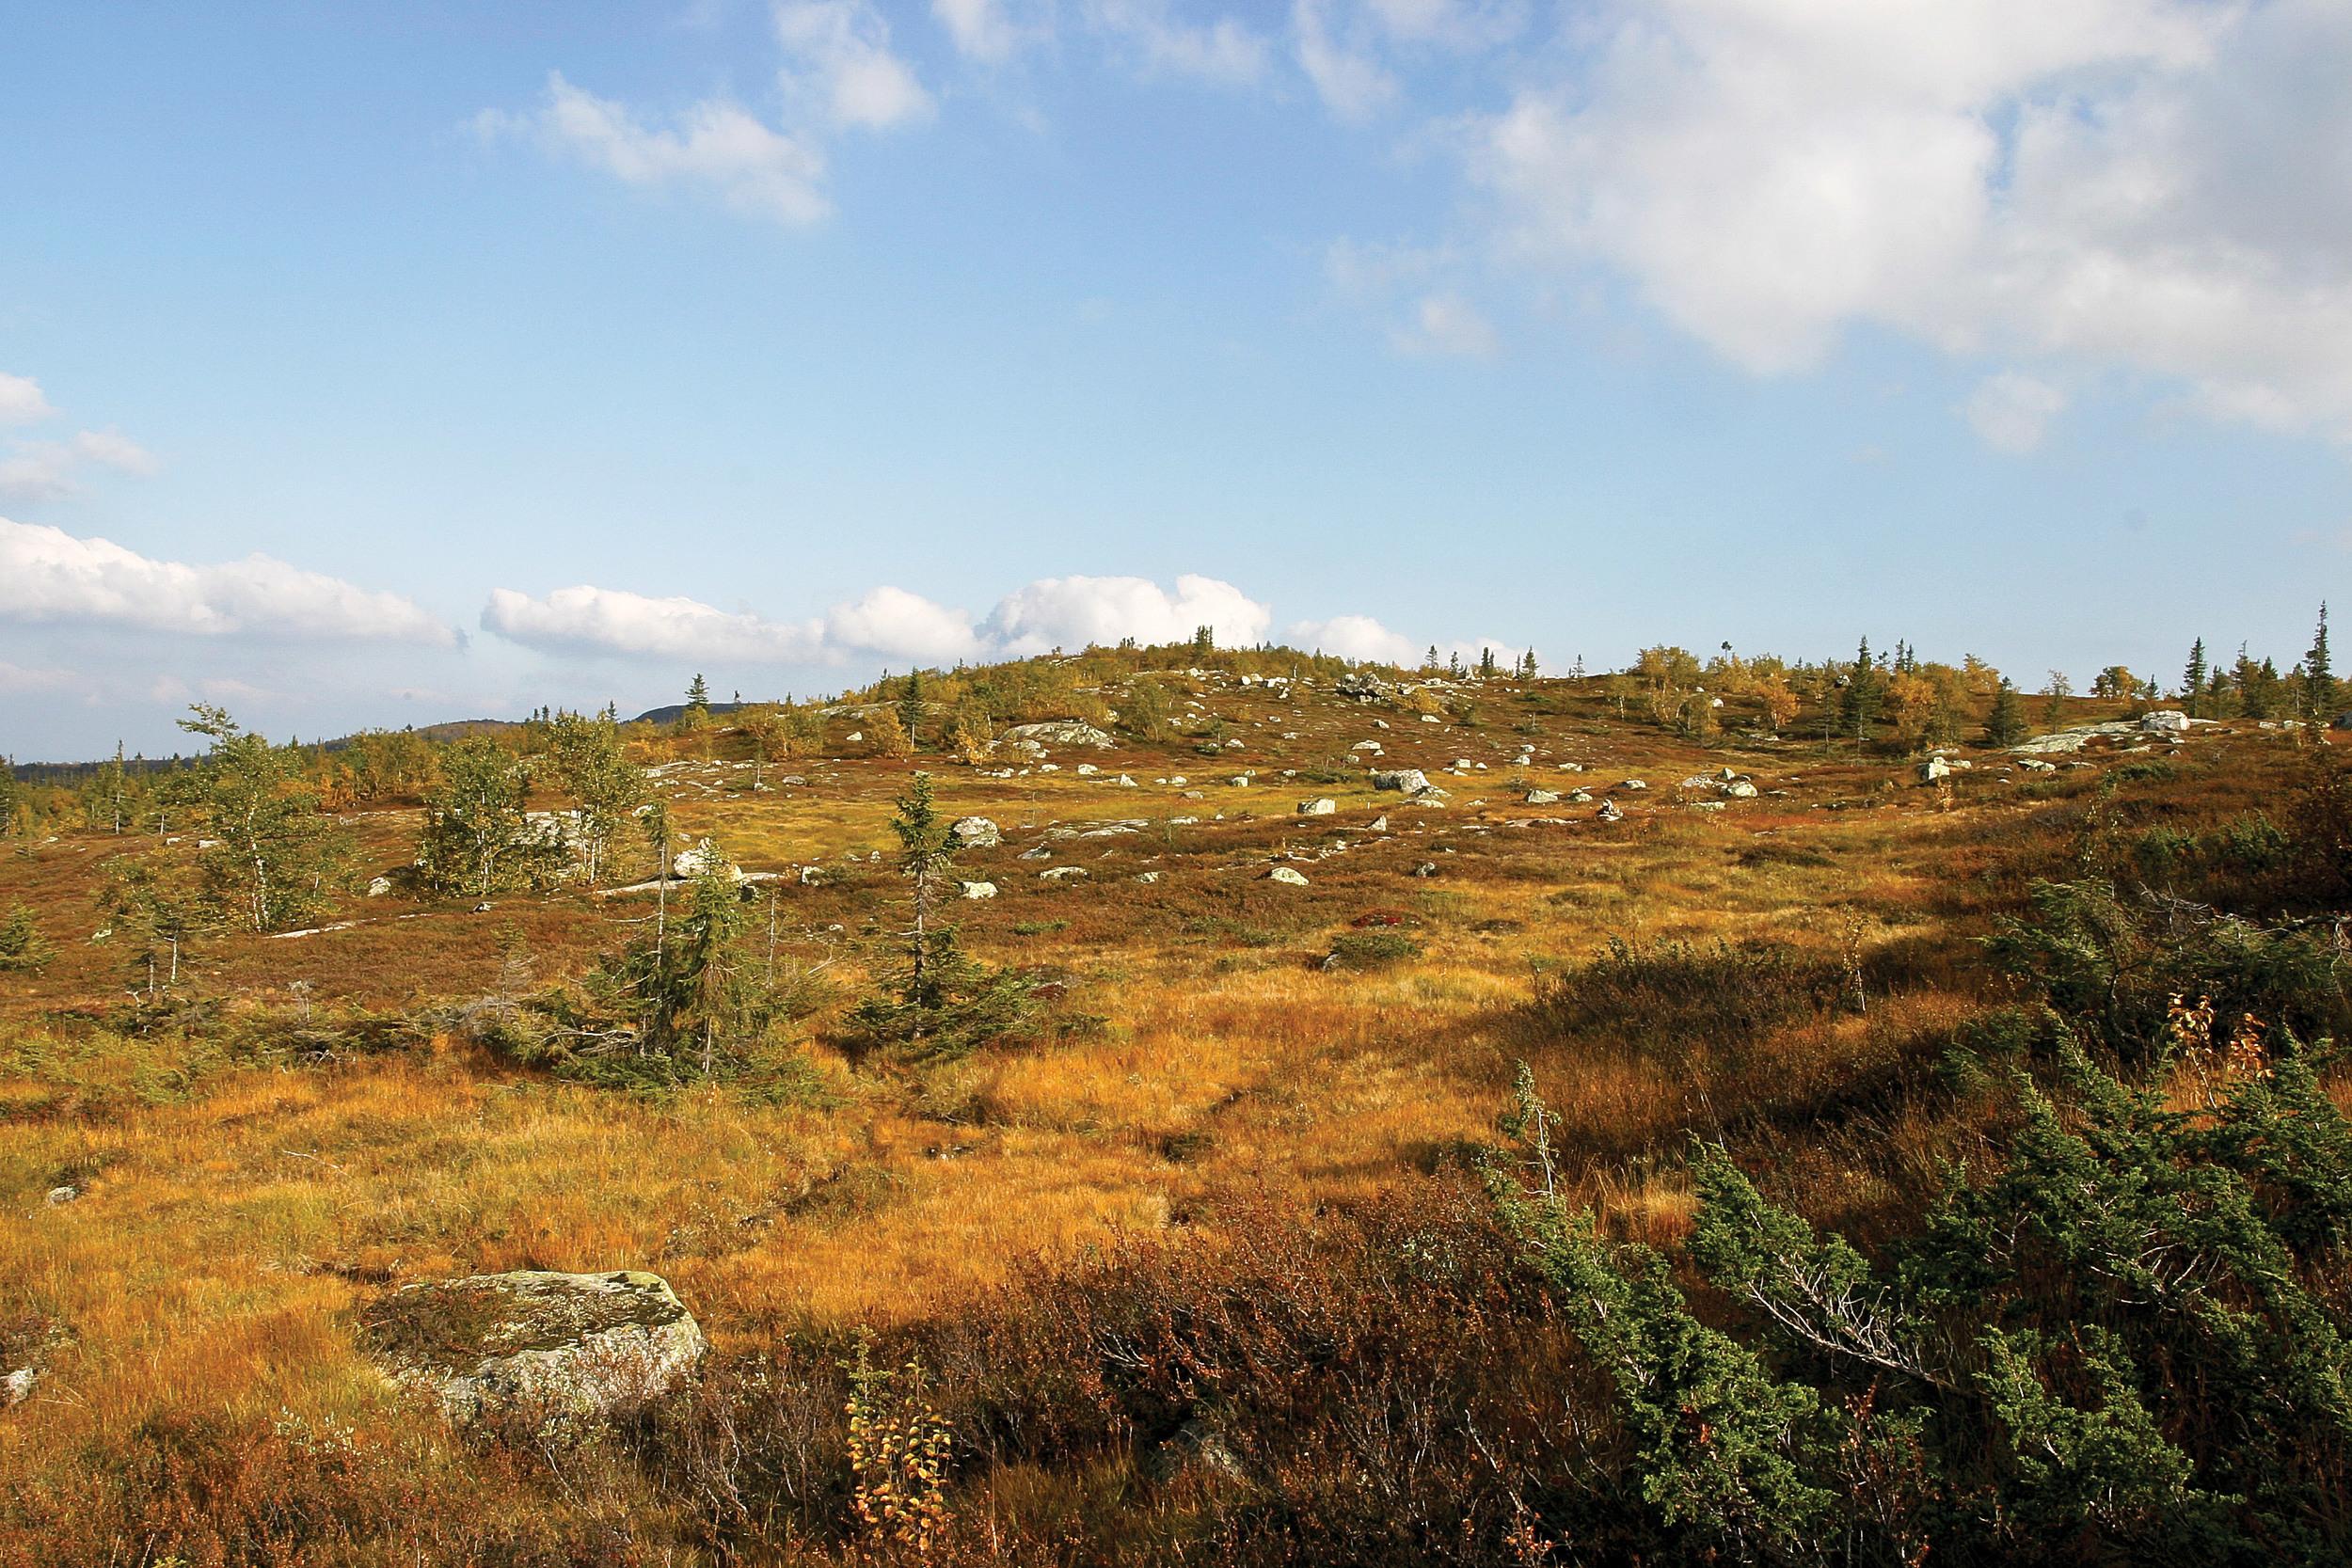 Annet tresatt areal er utmarksarealer med busk- eller trevegetasjon, men som ikke holder kravet til gjeldende definisjon av skog. Slike areal kan noen ganger ha vært regnet som skog, og andre ganger ikke. Hedalen, Sør-Aurdal. Foto: John Yngvar Larsson, NIBIO